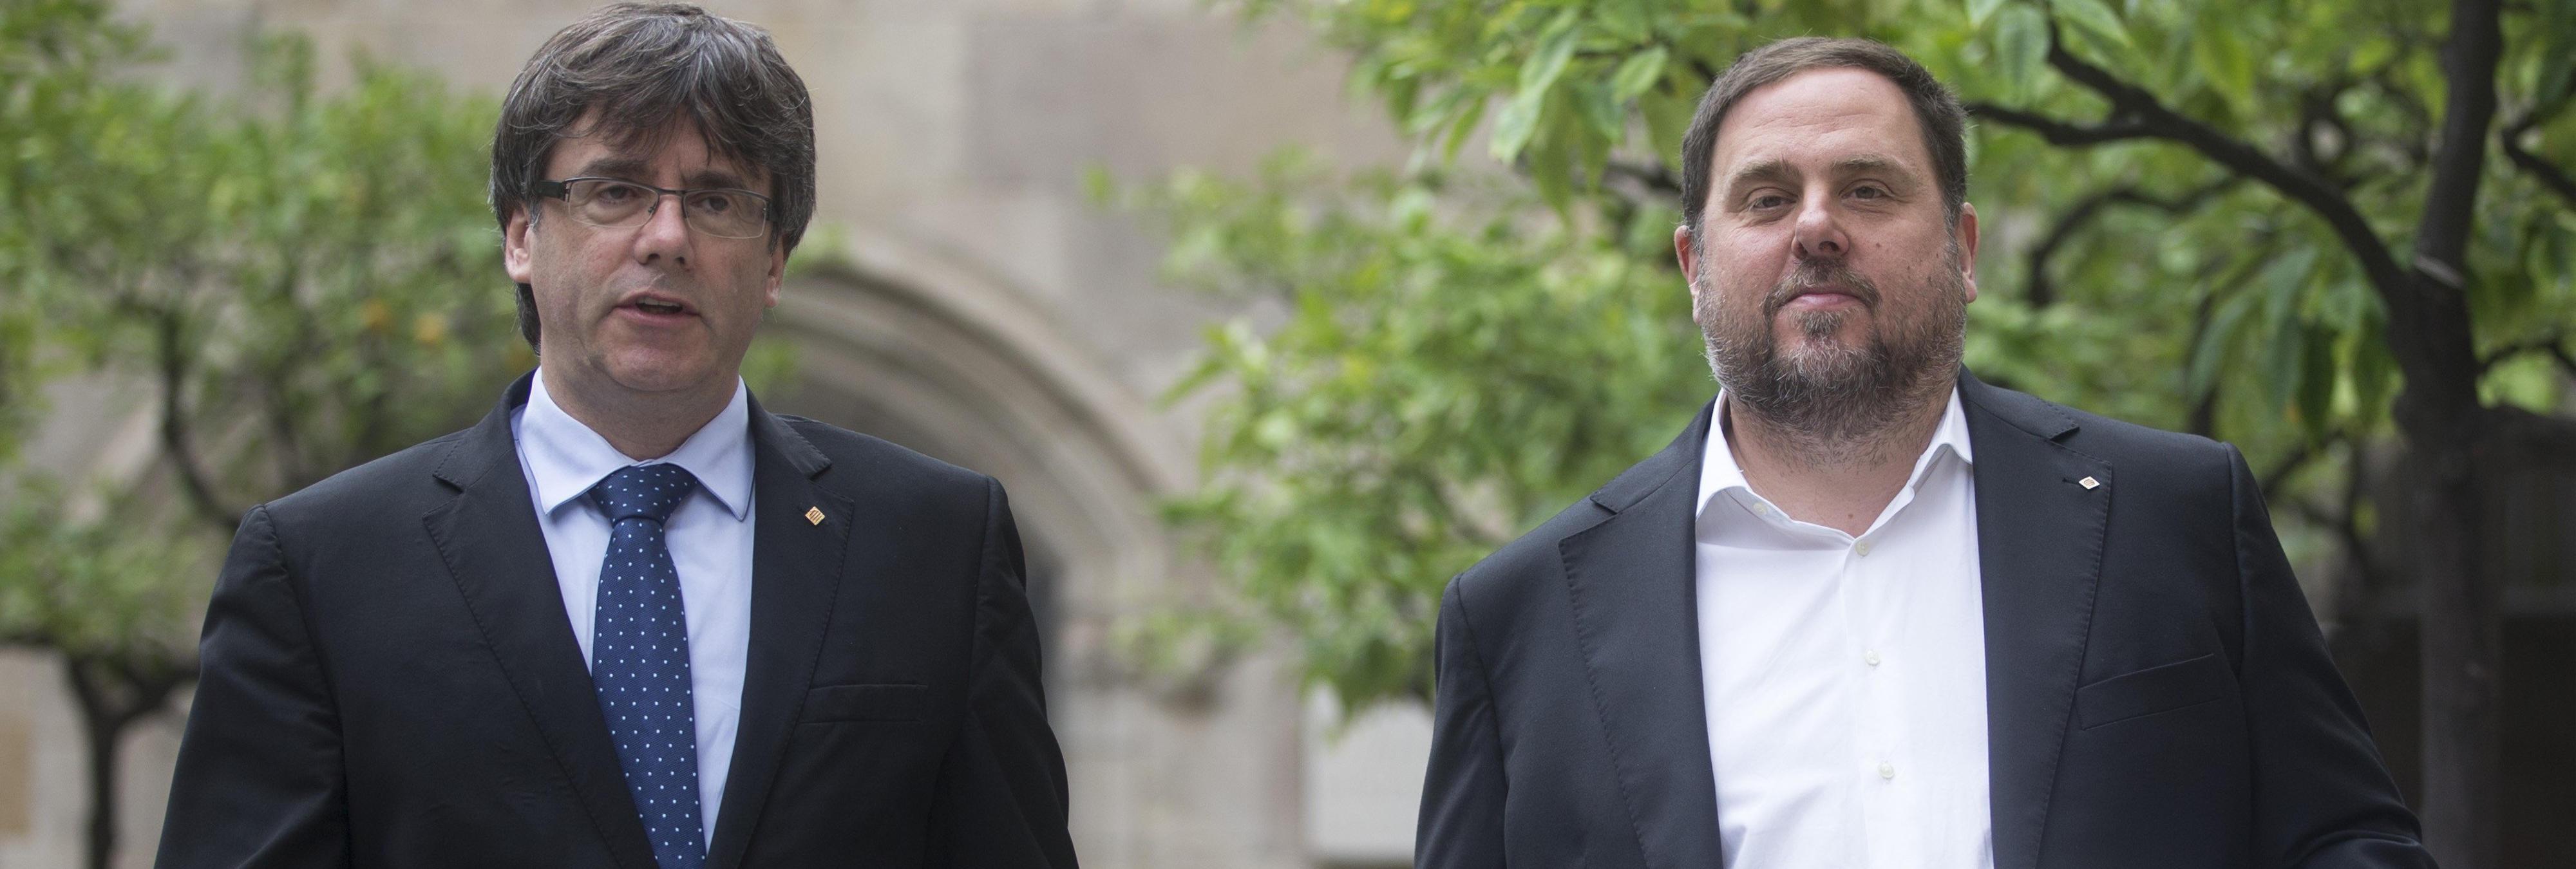 Carles Puigdemont y Oriol Junqueras responden al requerimiento de Rajoy